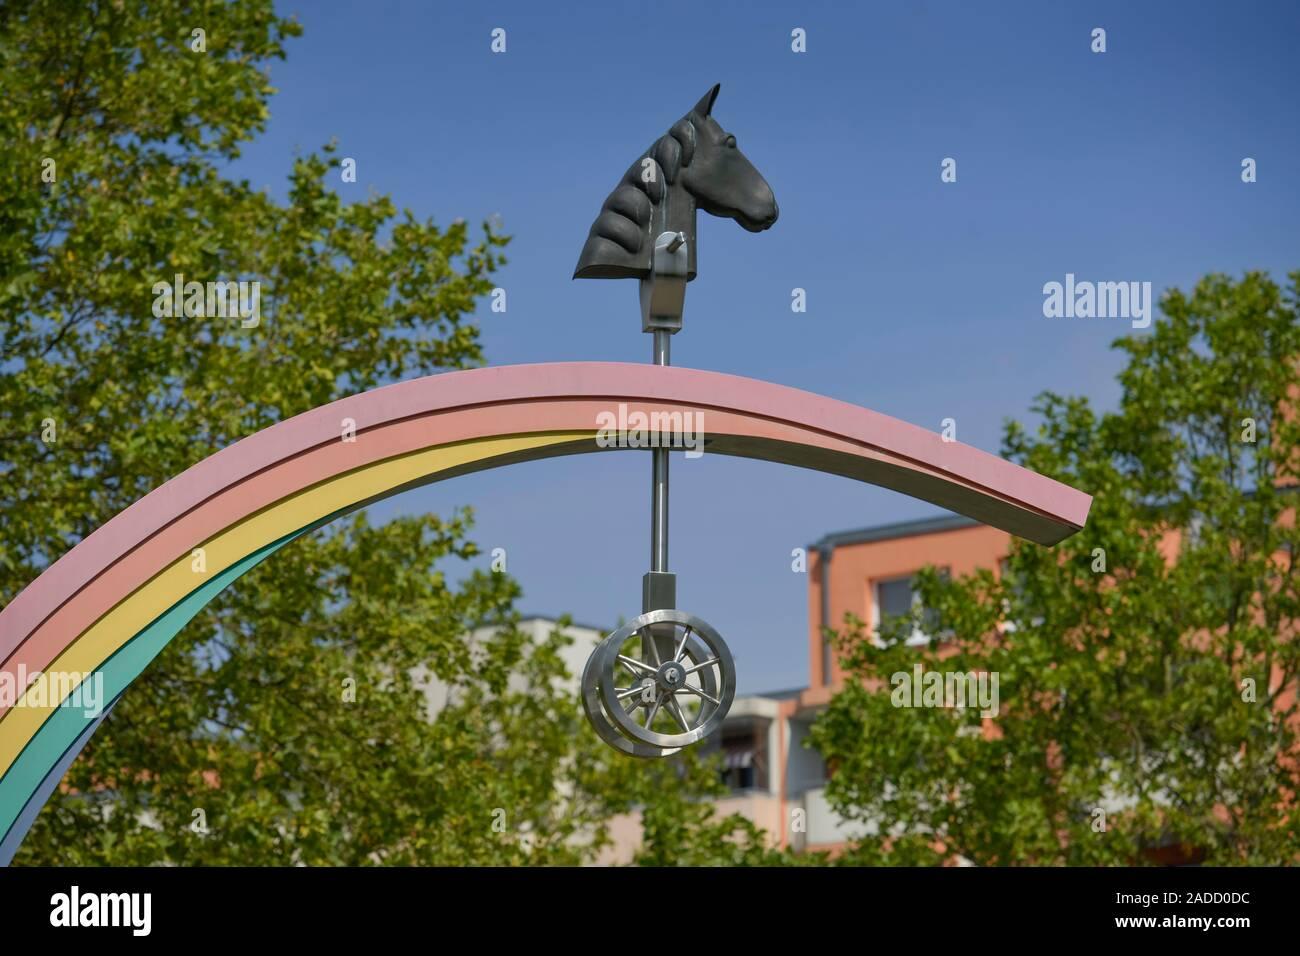 """Skulptur """"Steckenpferd sucht Regenbogen"""" von Rüdiger Roehl und Jan Skuin, Wörlitzer Straße, Havemannstraße, Ahrensfelde, Marzahn, Berlin, Deutschland Stock Photo"""